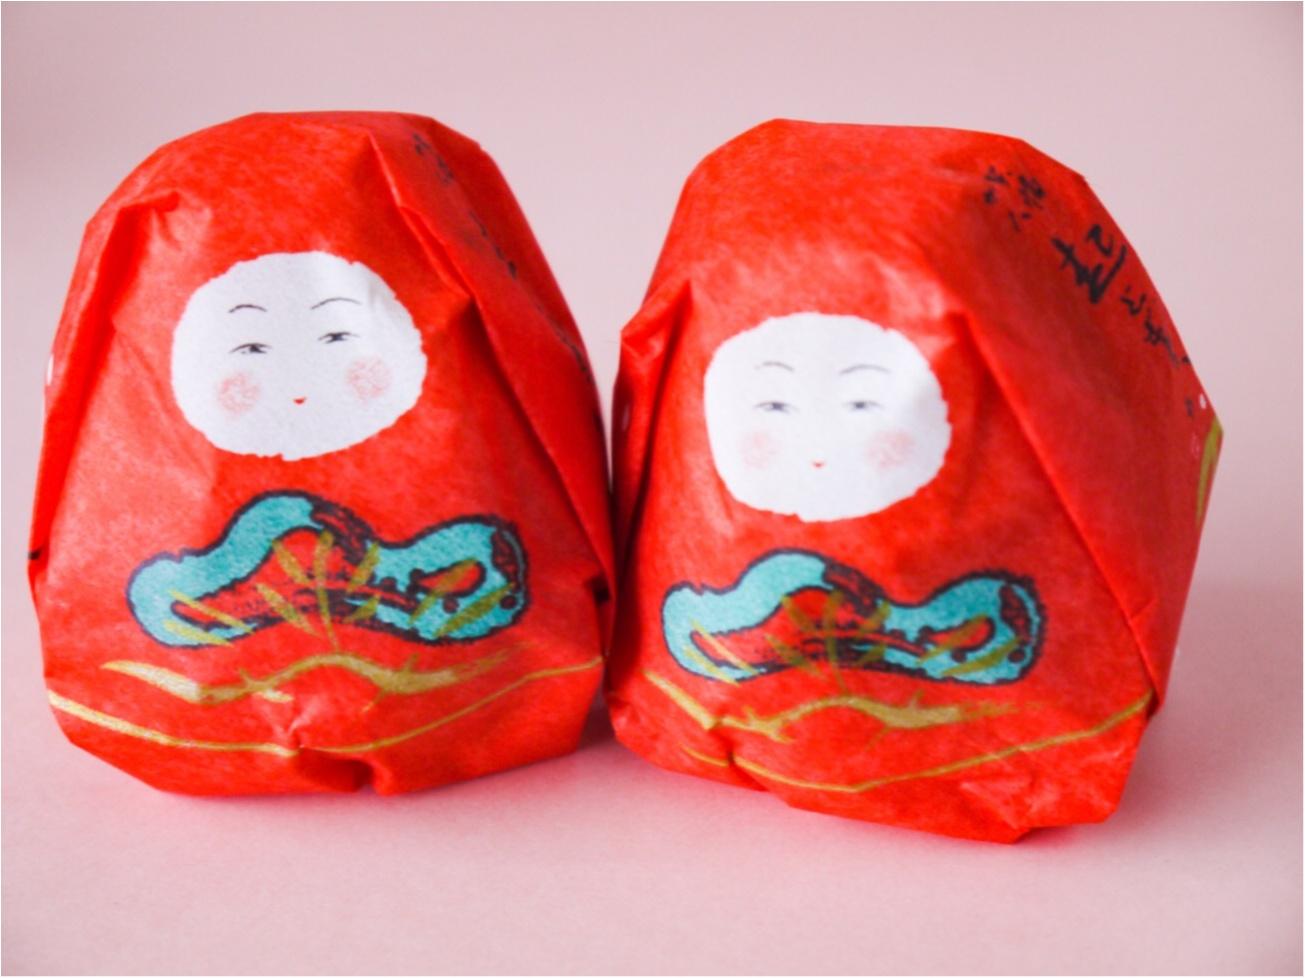 金沢女子旅特集 - 日帰り・週末旅行に! 金沢21世紀美術館など観光地やグルメまとめ_92